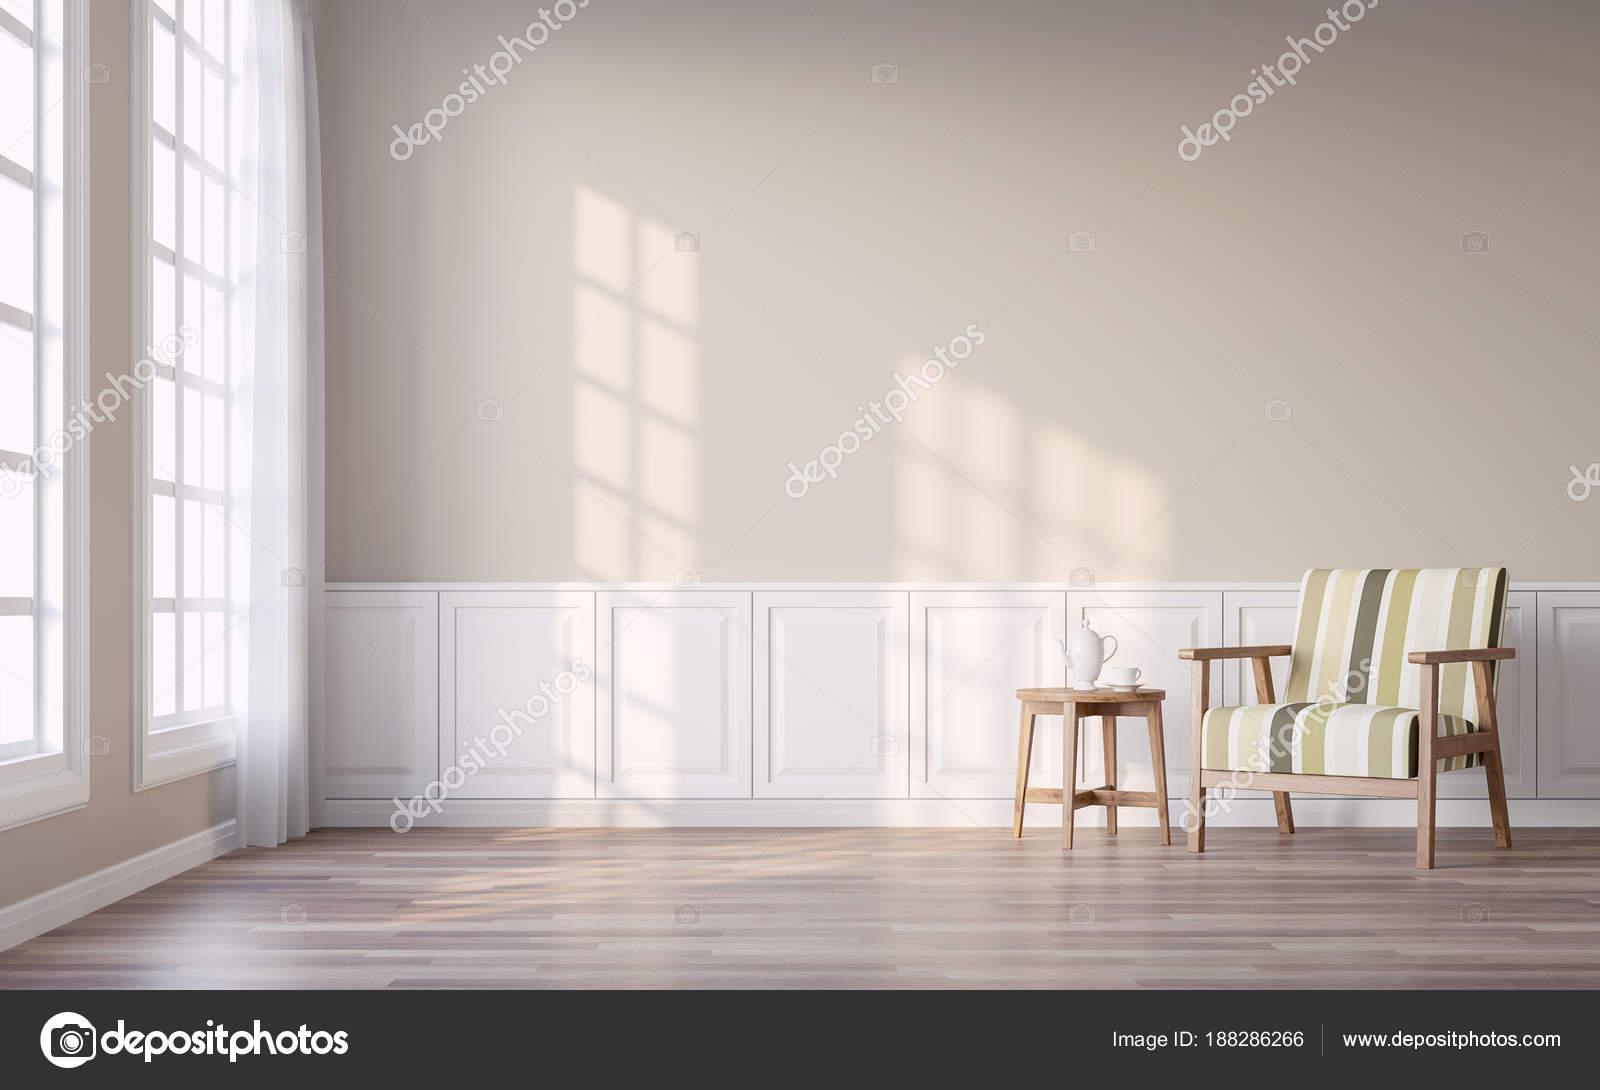 Wundervoll Moderne Vintage Wohnzimmer Mit Braunen Lichtwand Render Die Zimmer Verfügen  U2014 Stockfoto